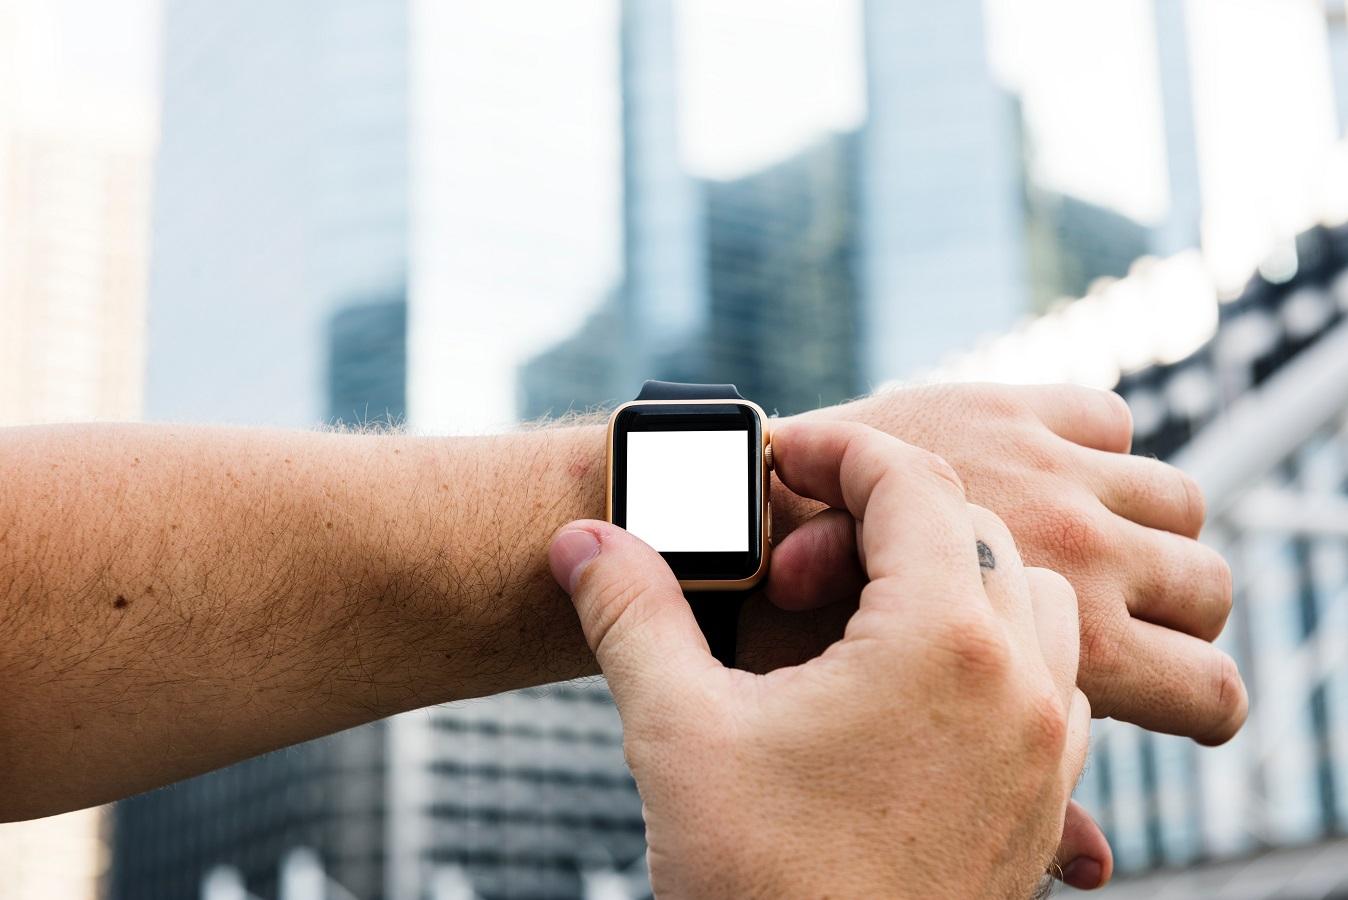 Roubados pelos próprios relógios GPS - Atletismo